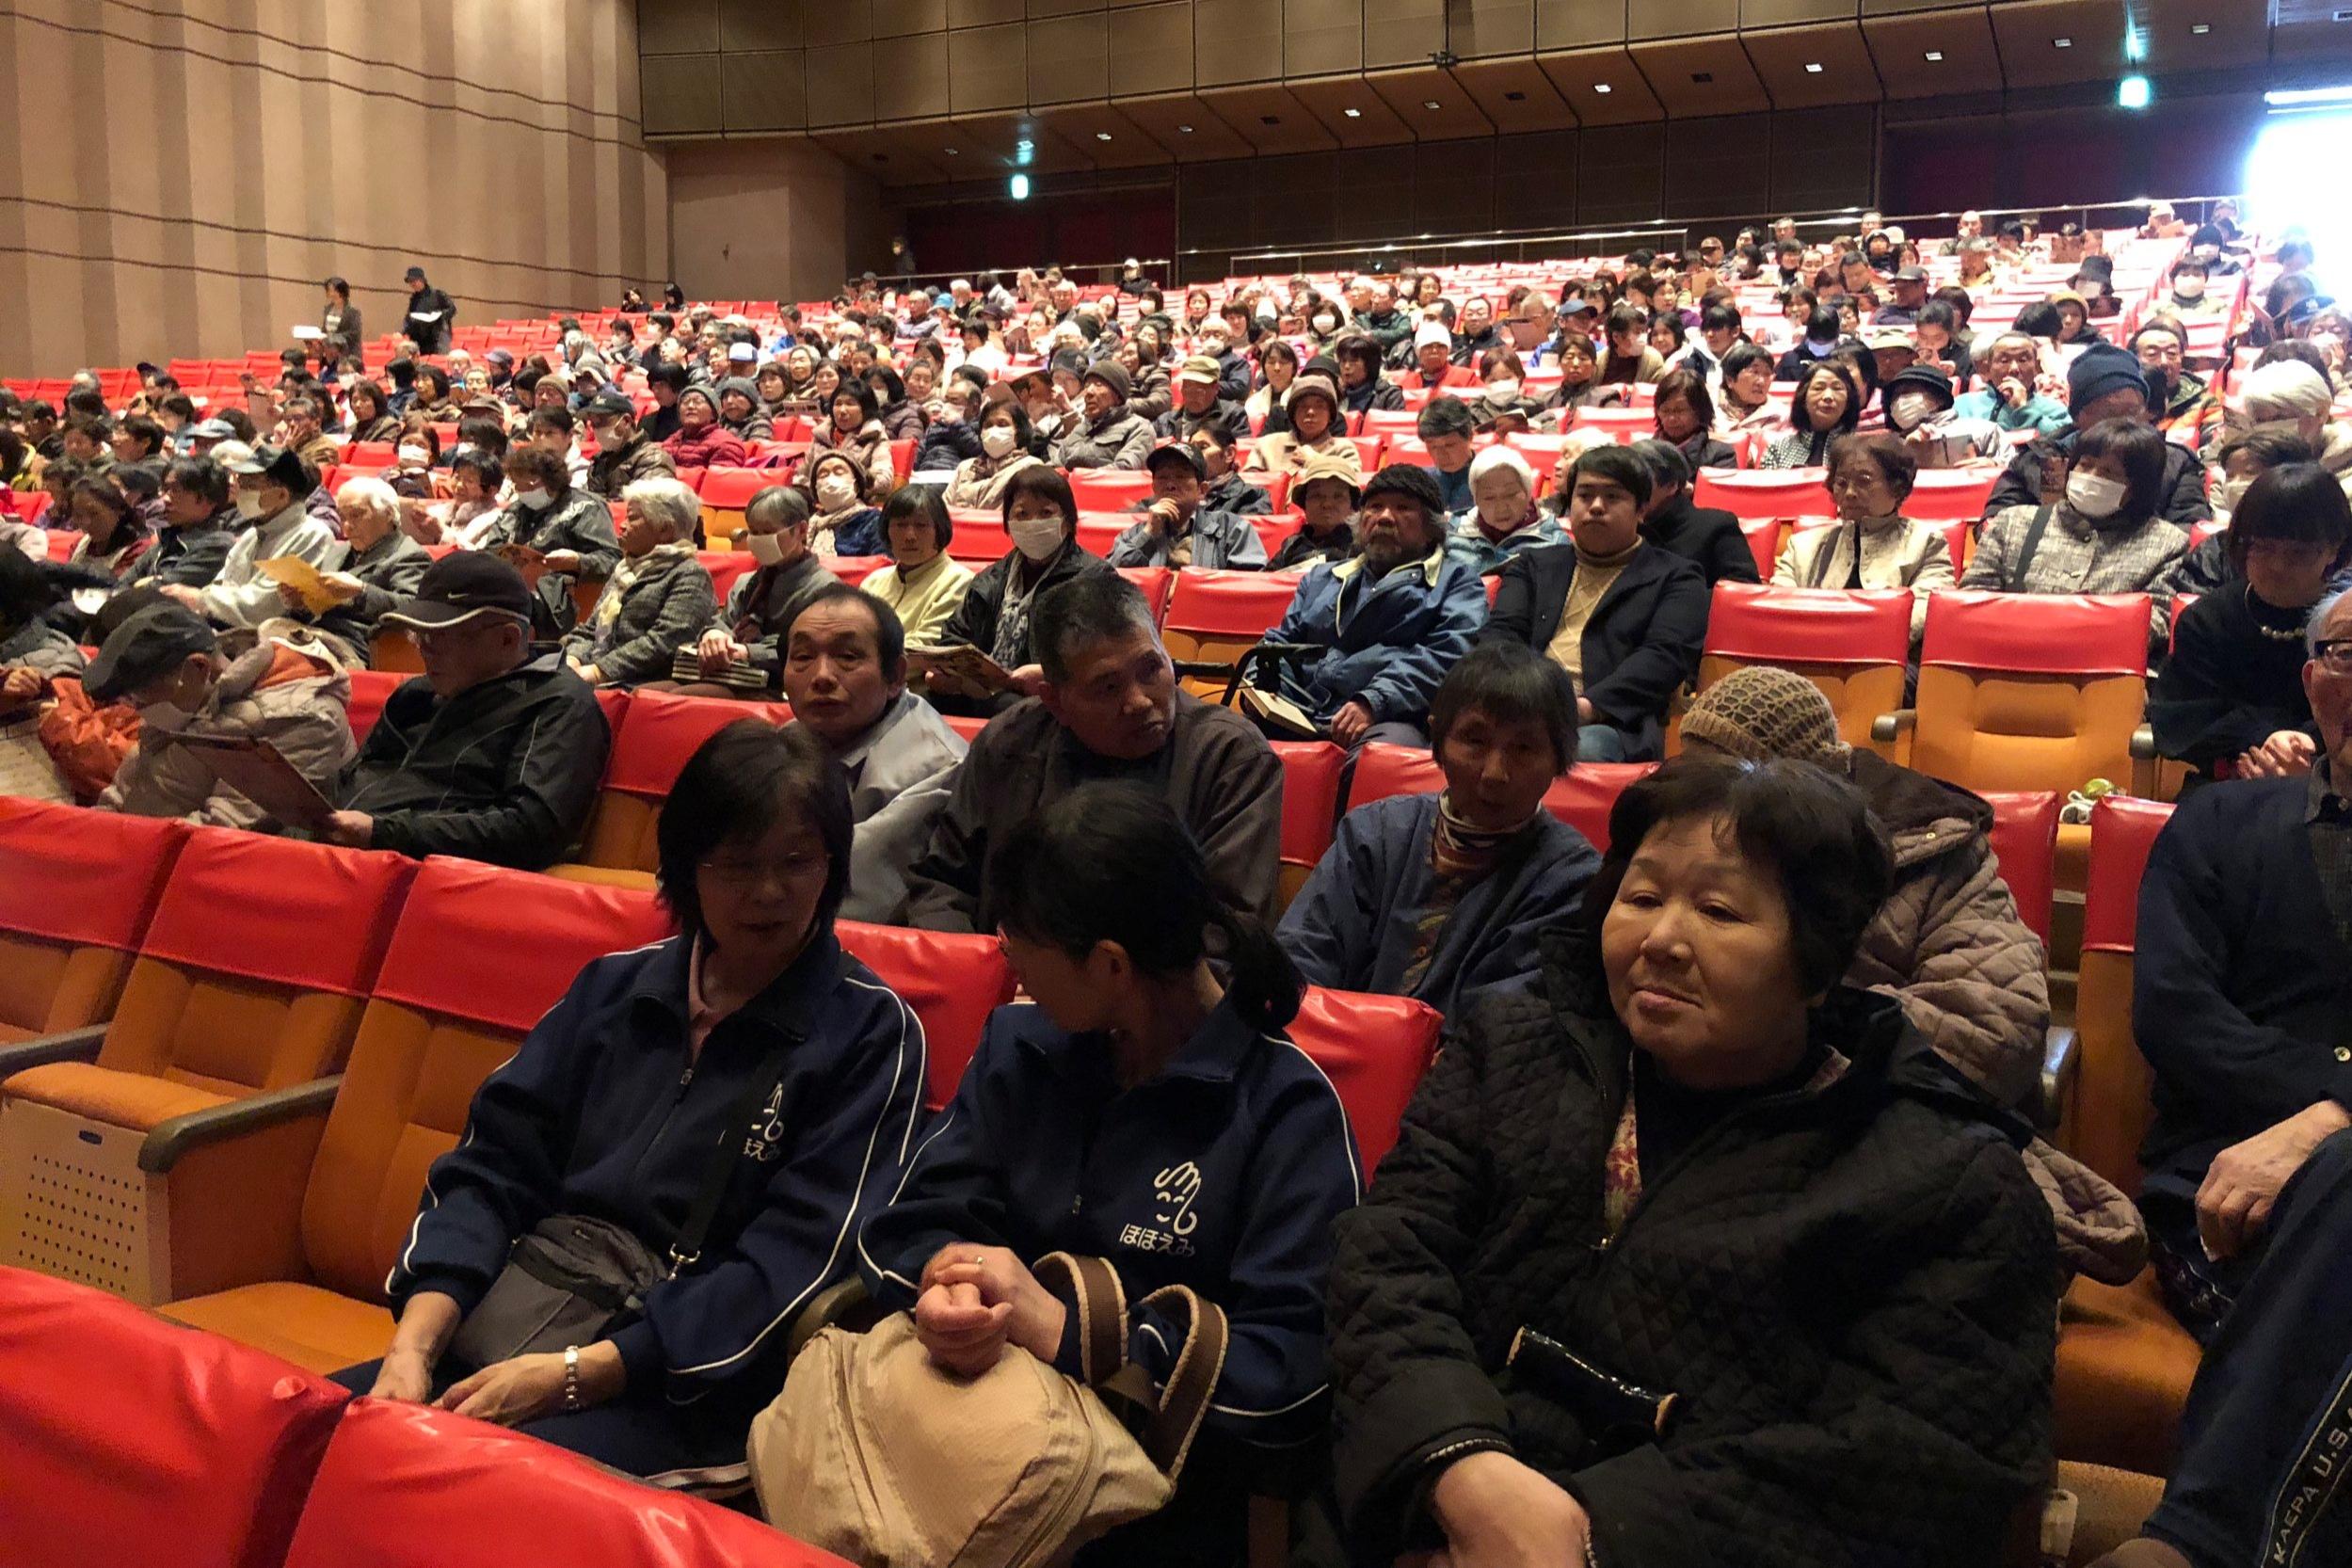 地元の巻文化会館での完成披露上映会には多くの方々が駆けつけた。